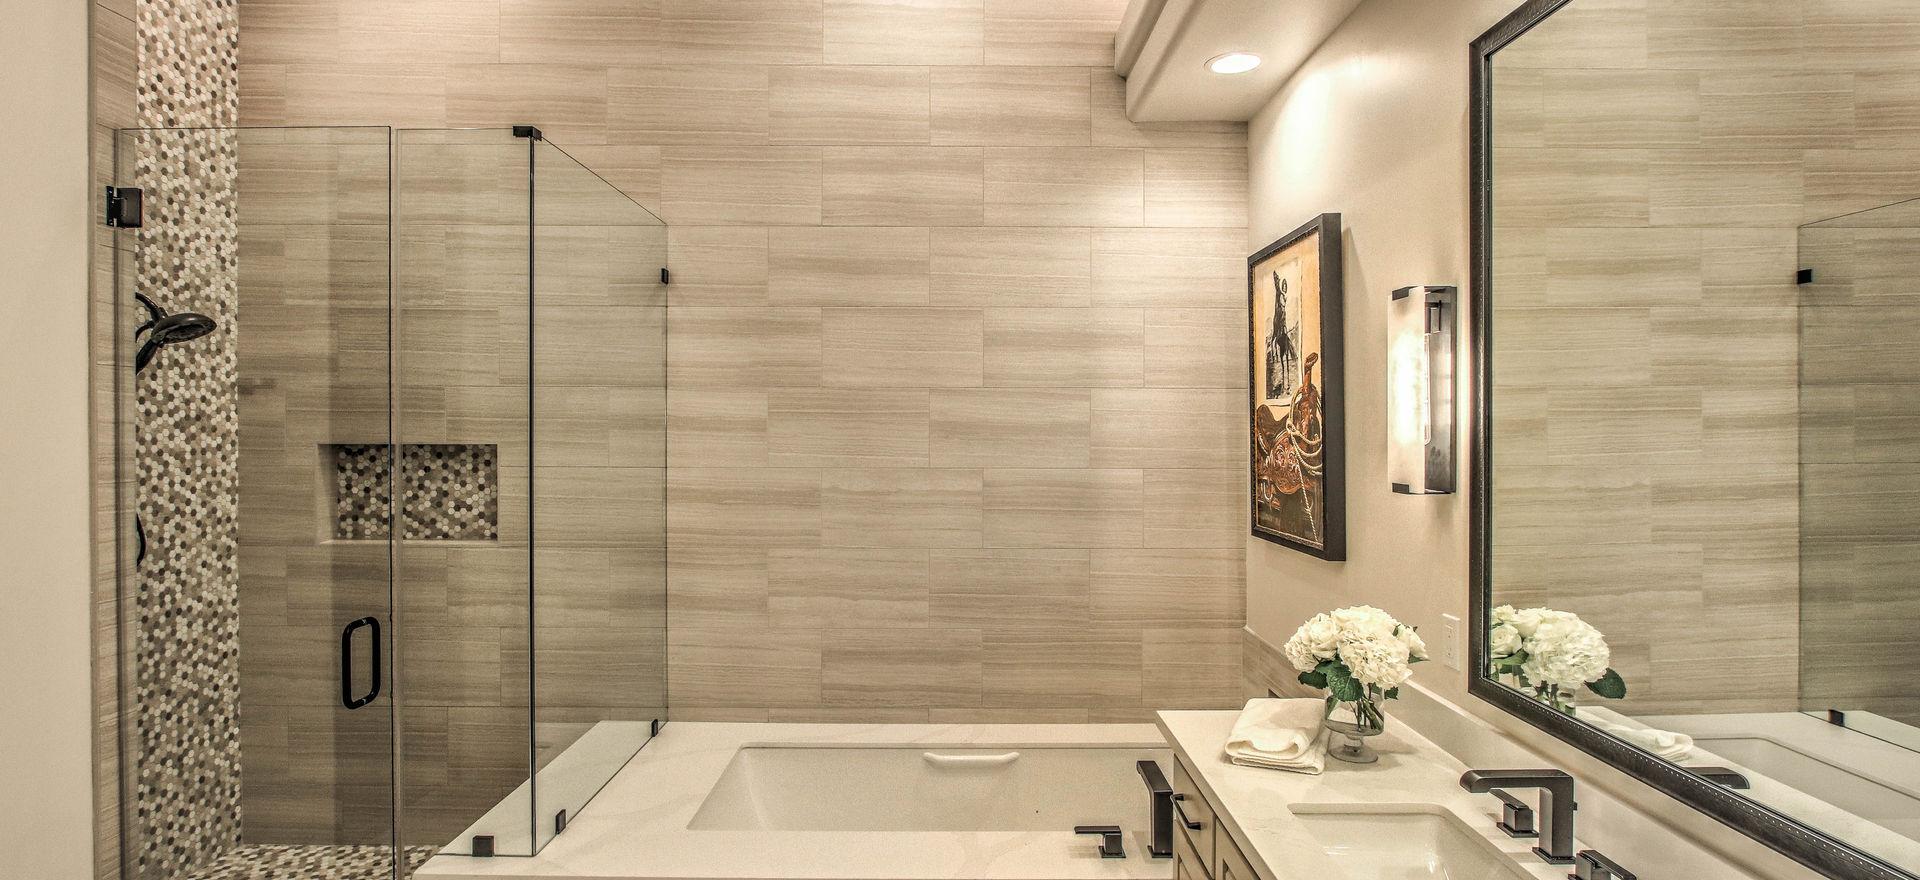 DC RANCH CONTEMPORARY BATHROOM RENOVATION